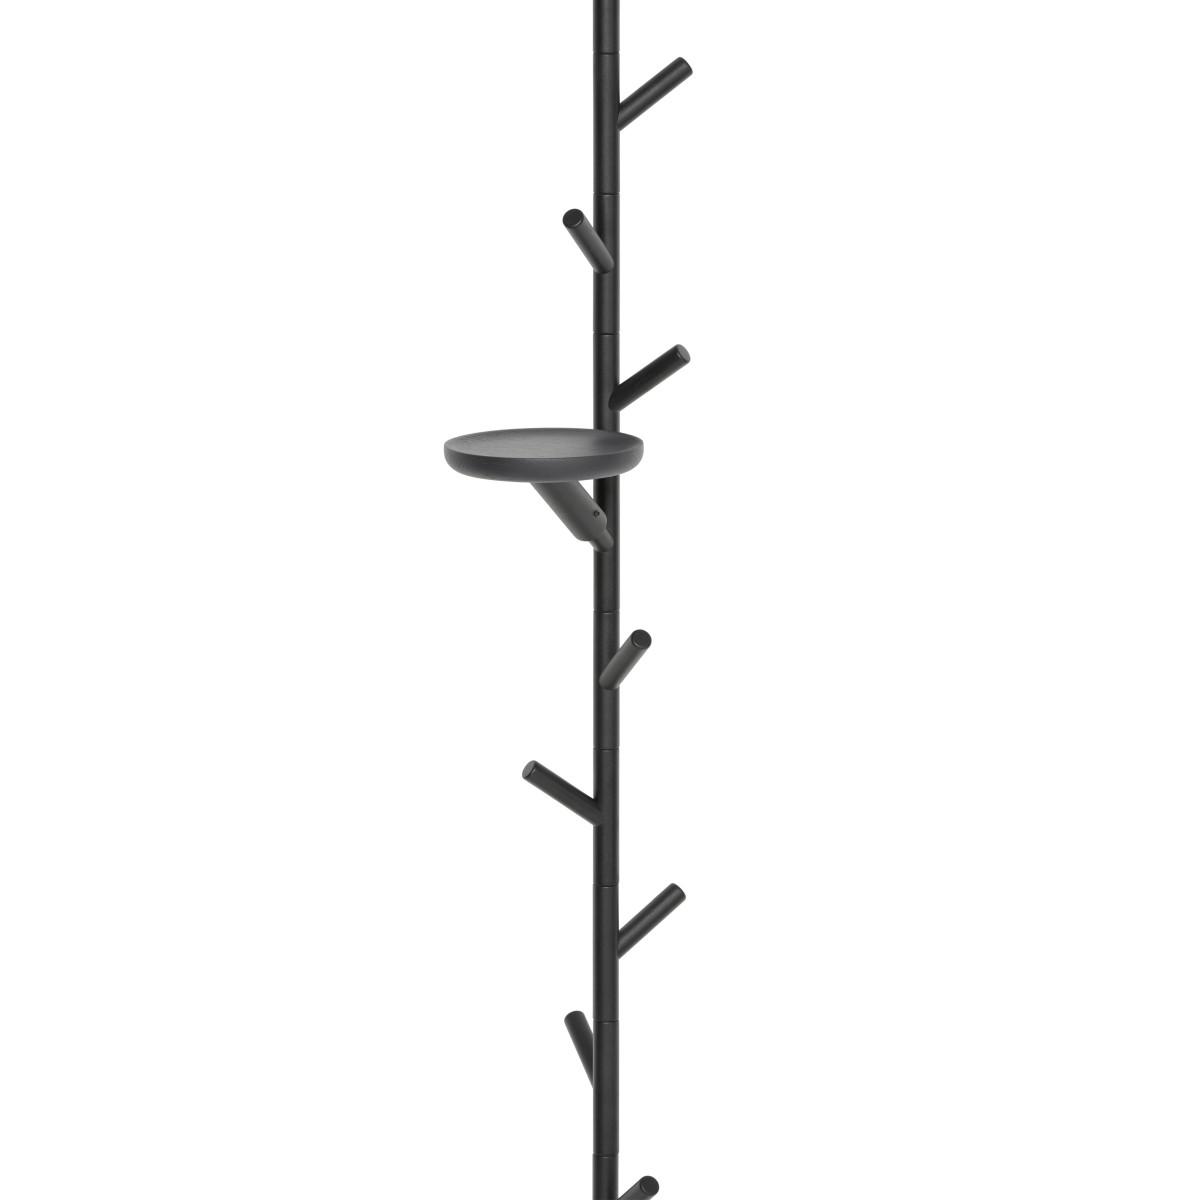 SUMI Wandgarderobe mit Ablage rund, schwarz